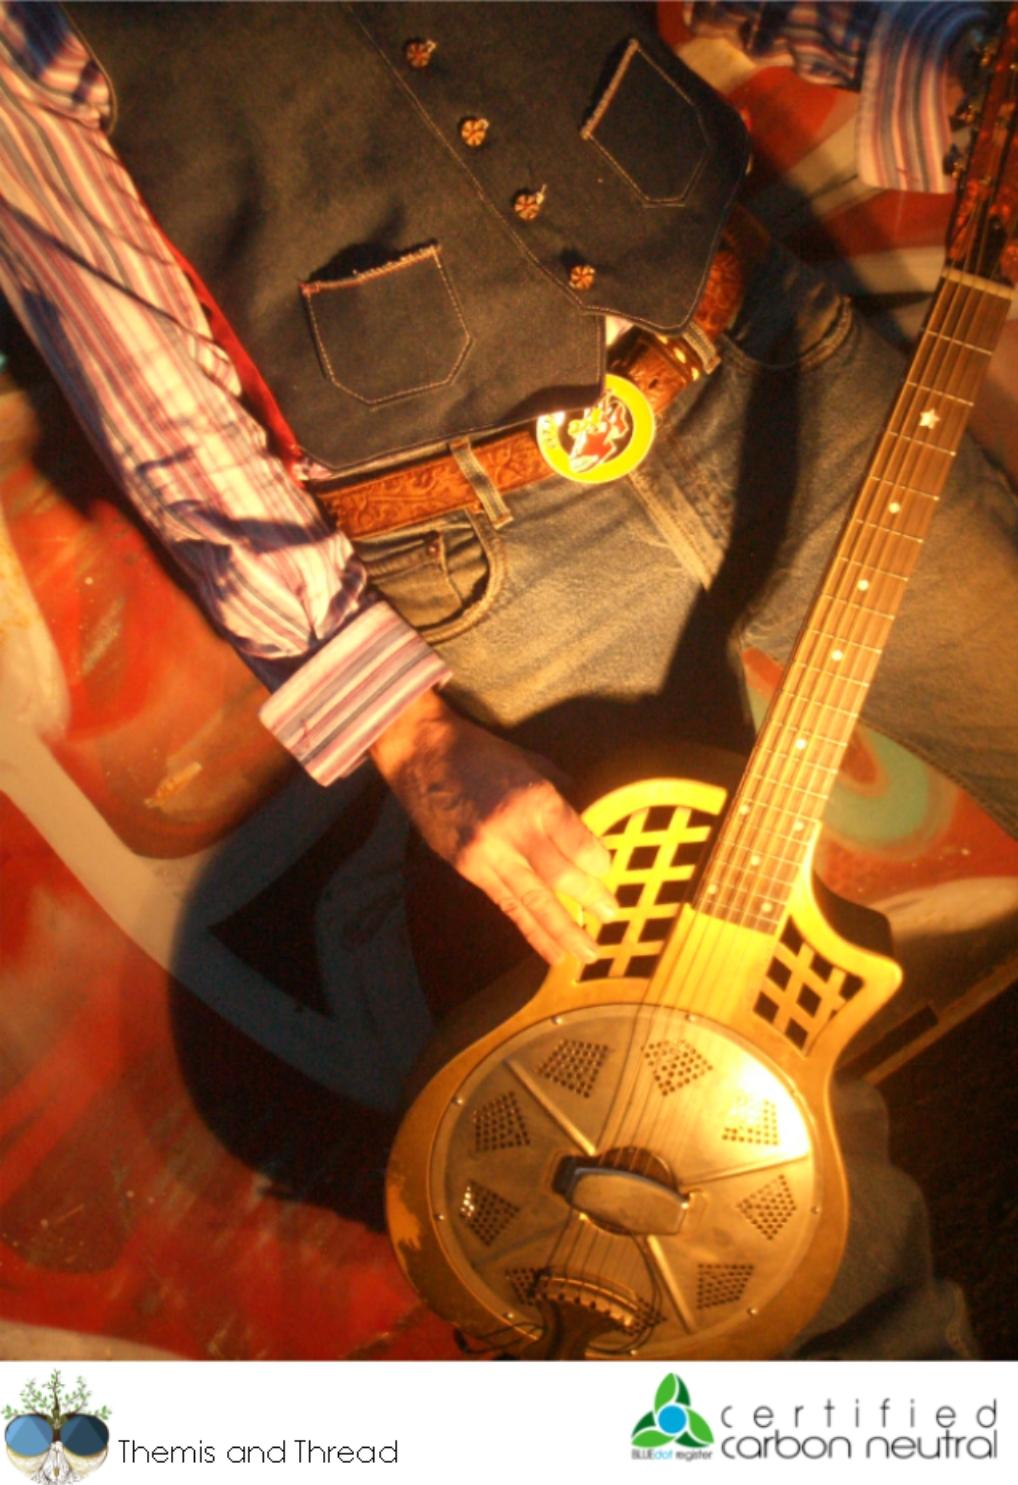 Themis Guitar with logos.jpg